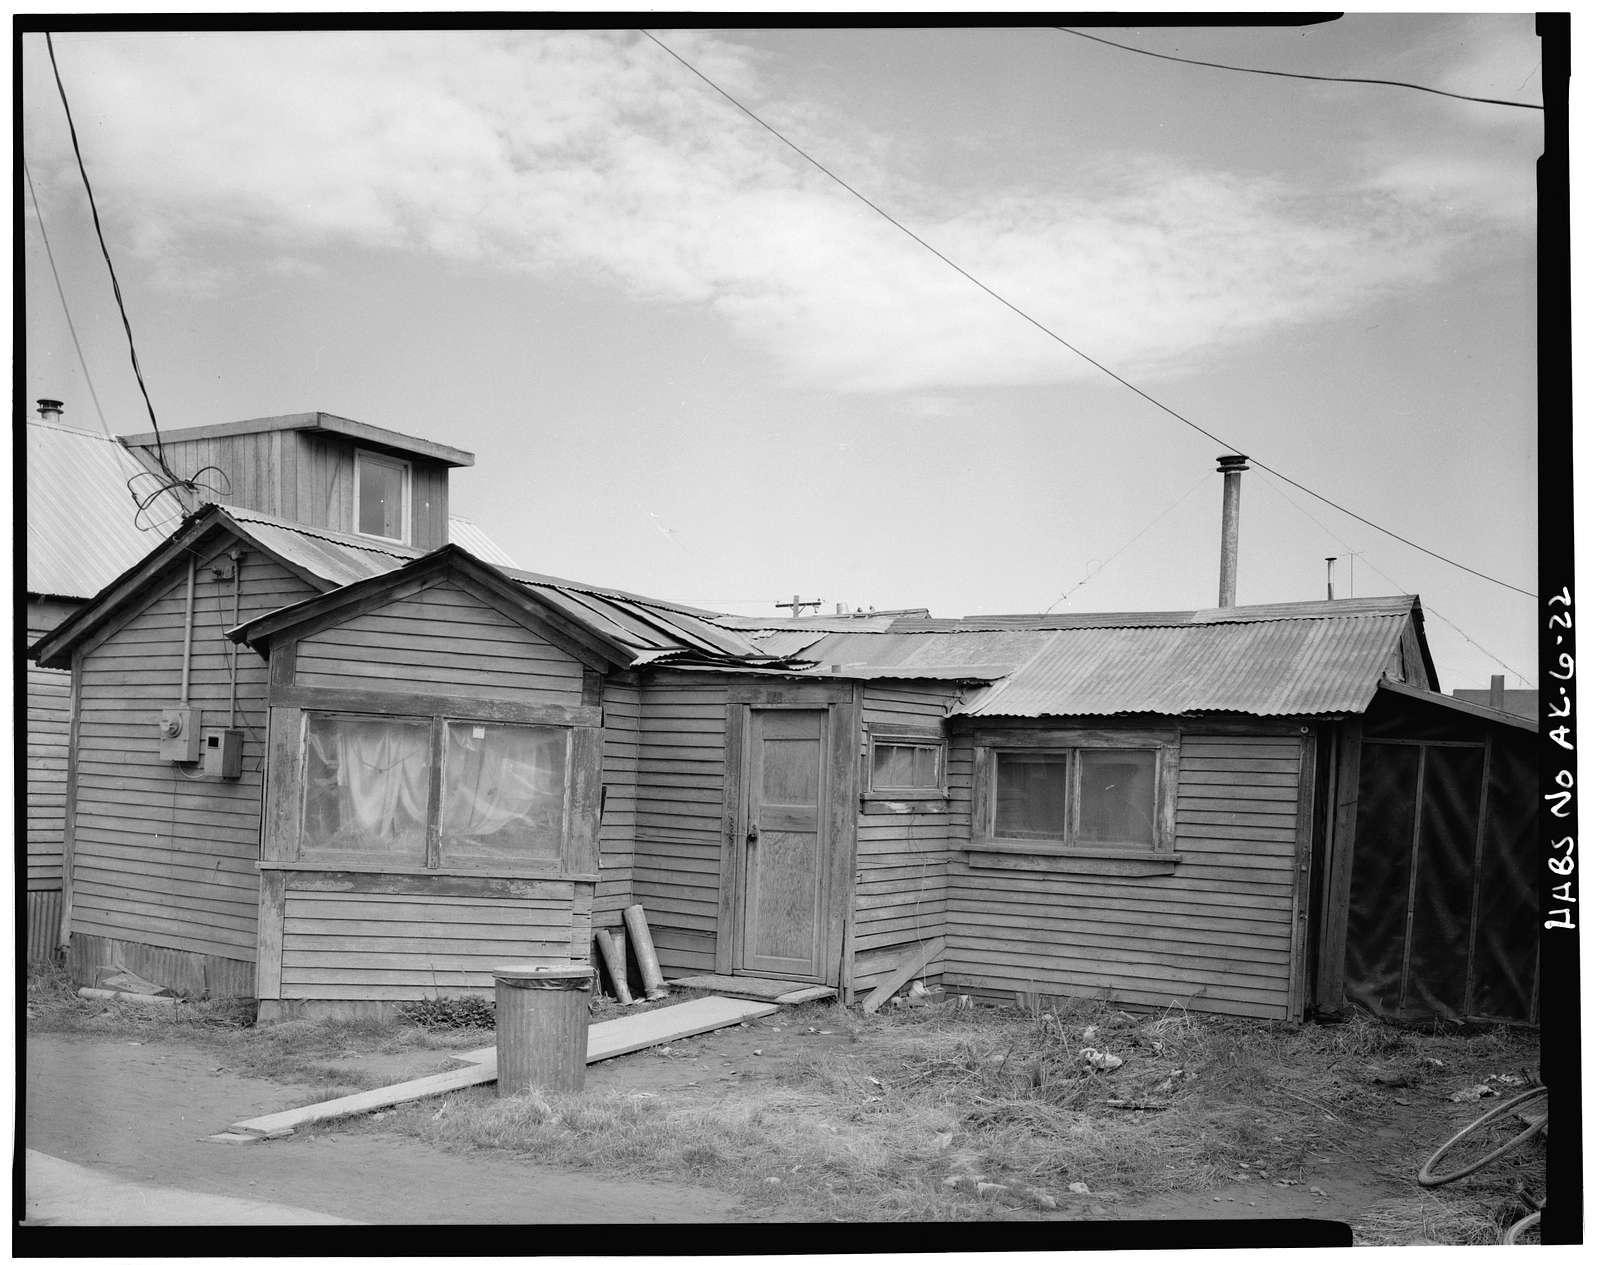 City of Nome, Nome, Nome Census Area, AK